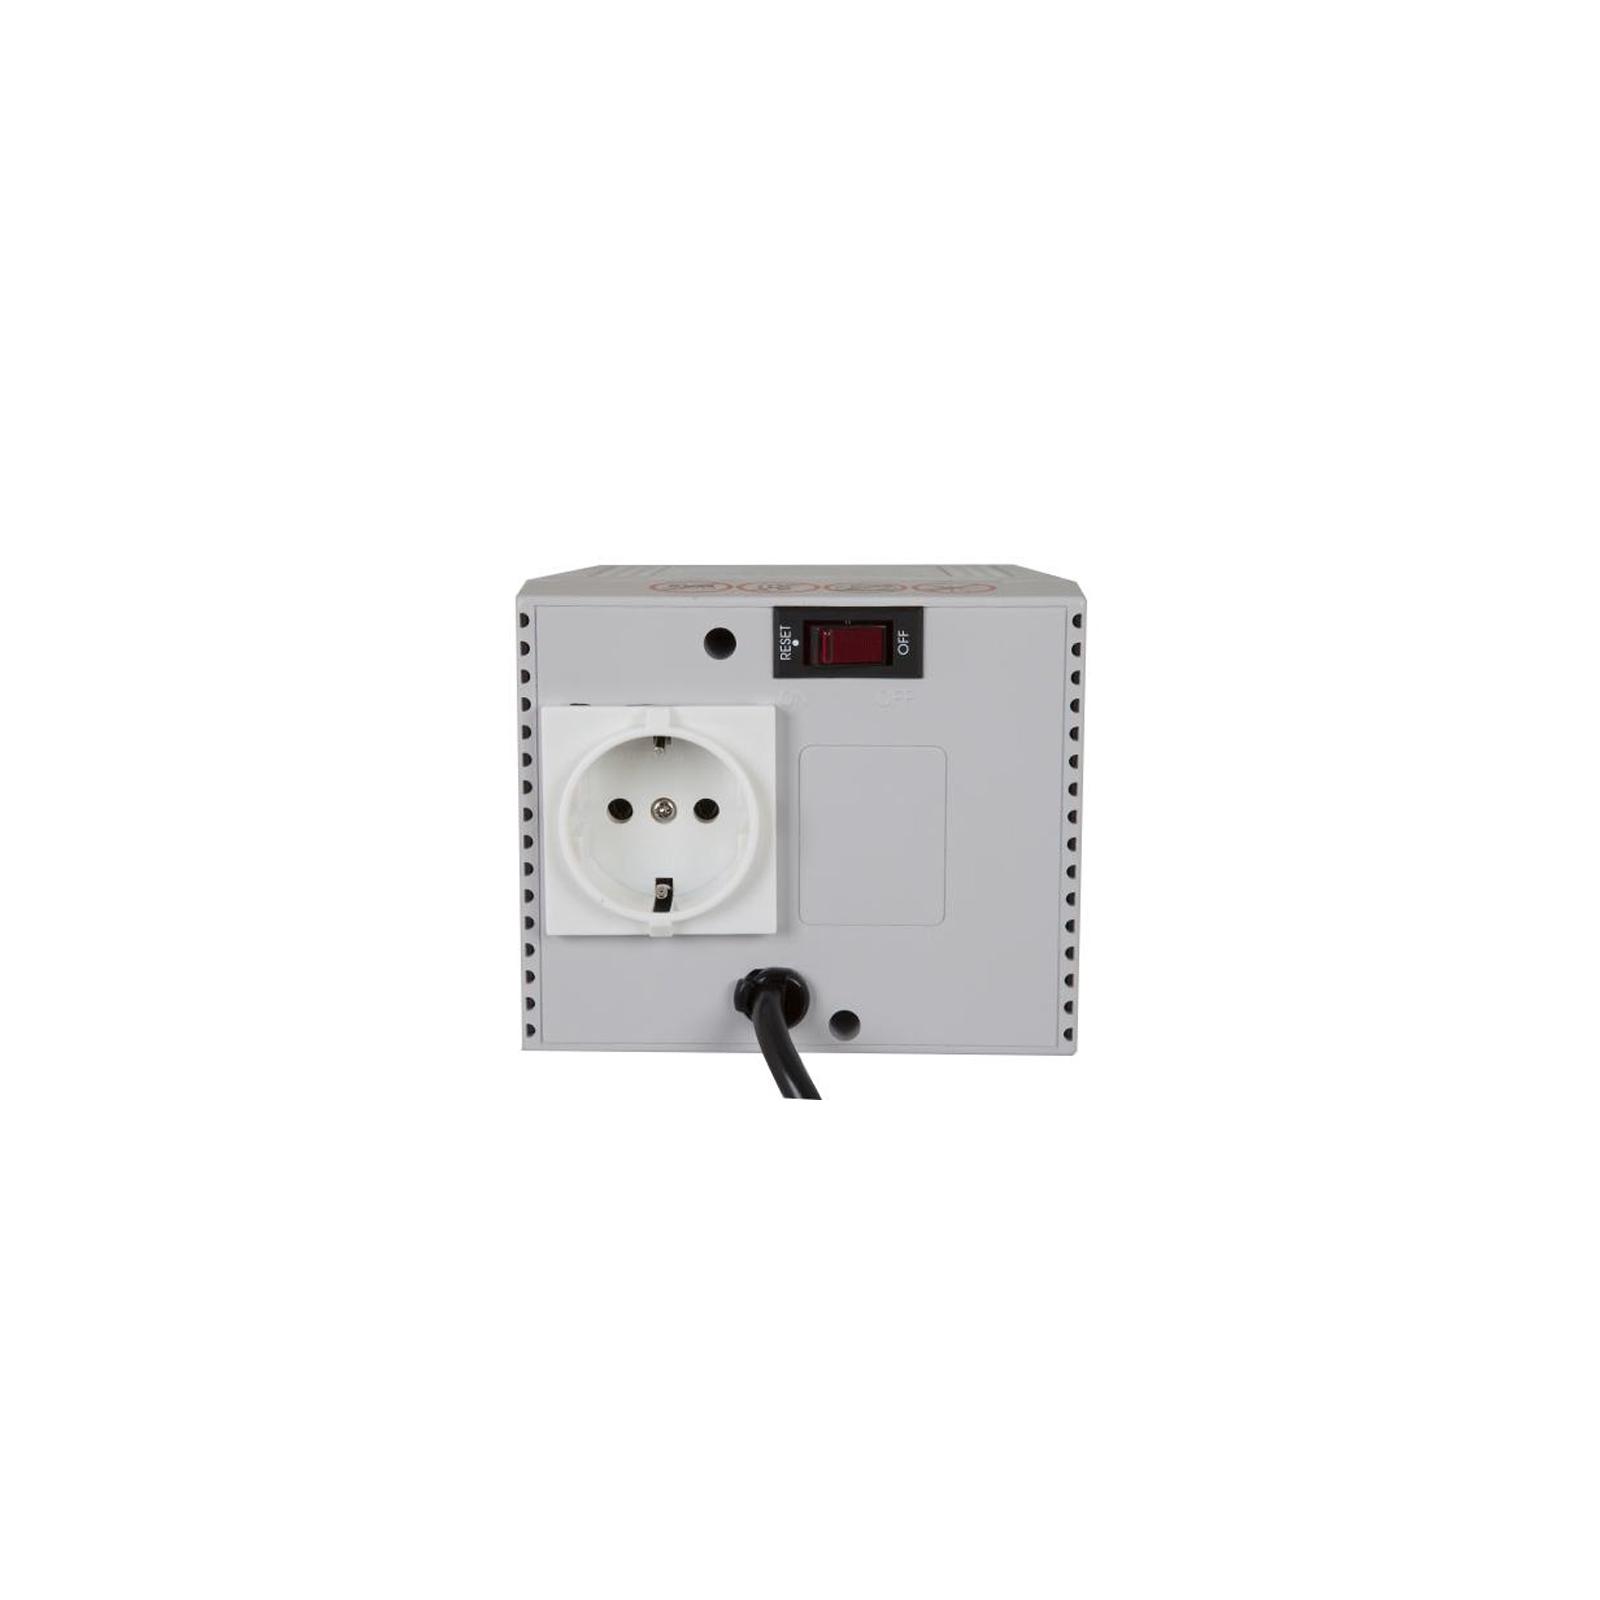 Стабилизатор TCA-2000 Powercom изображение 2